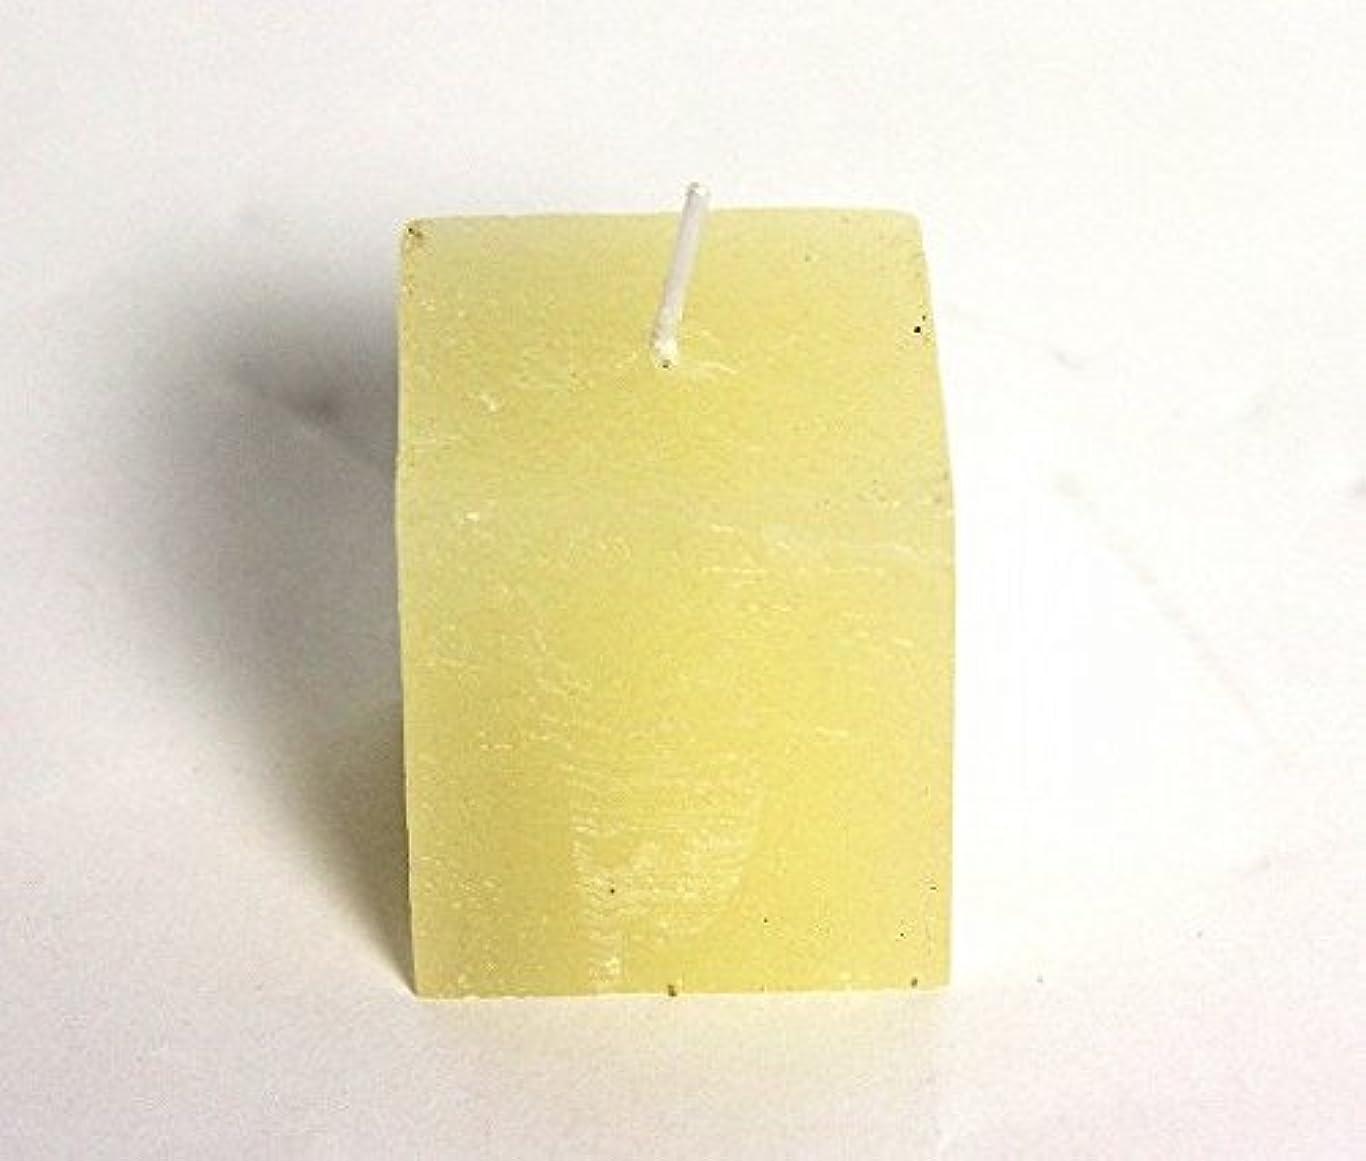 拒否漏れ若者kameyama candle(カメヤマキャンドル) ラスティクミニキューブ 「 アイボリー 」(A4921000IV)